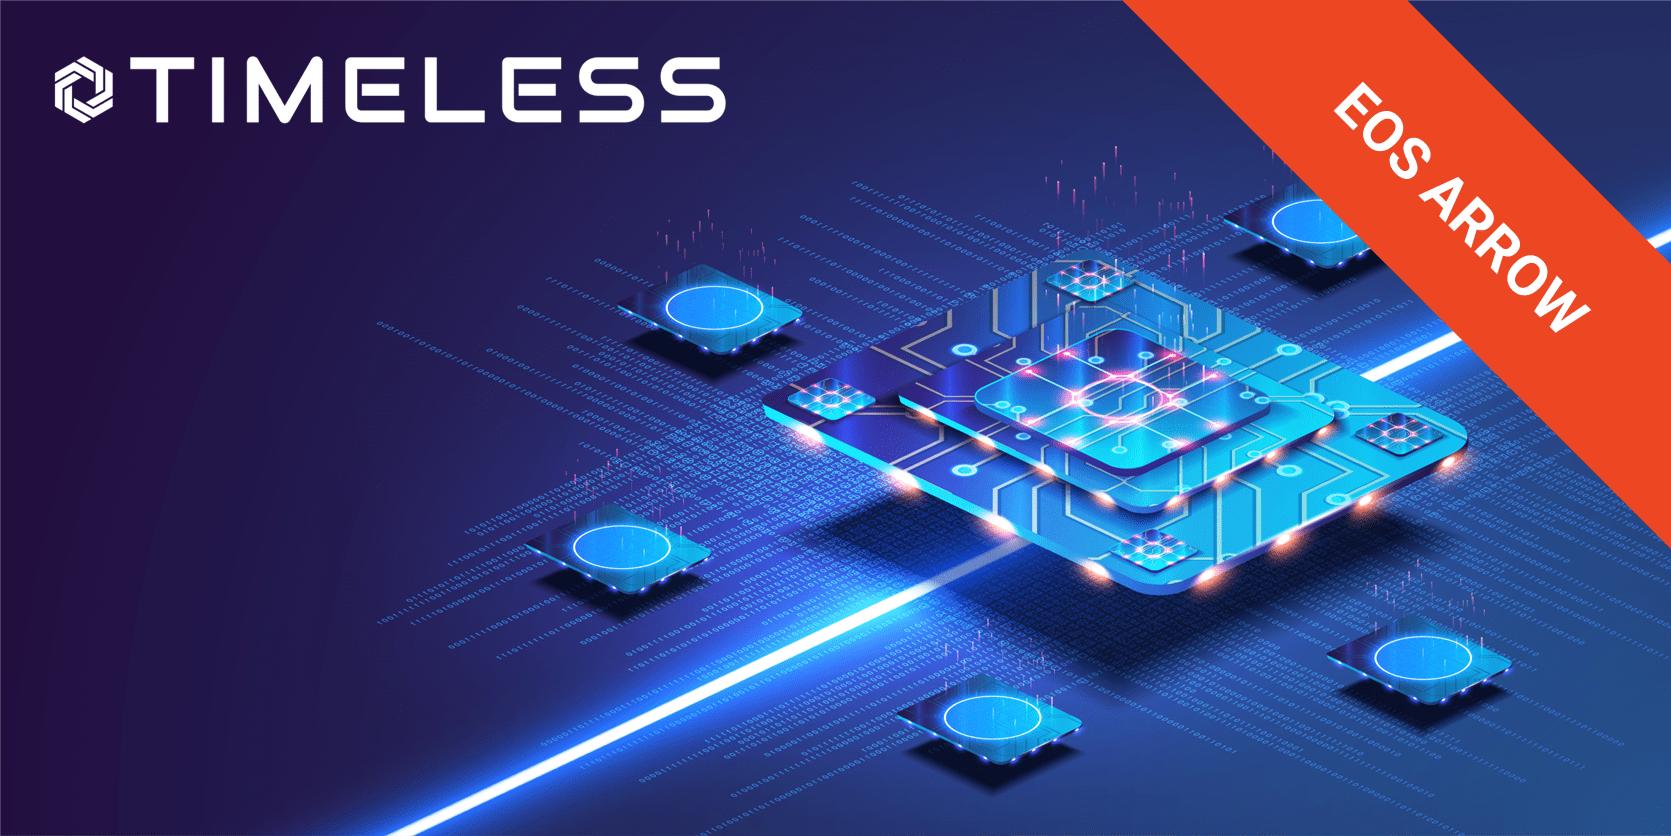 Bluetooth GNSS tarkkuuspaikantimet Android, iOS ja Windows ympäristöön